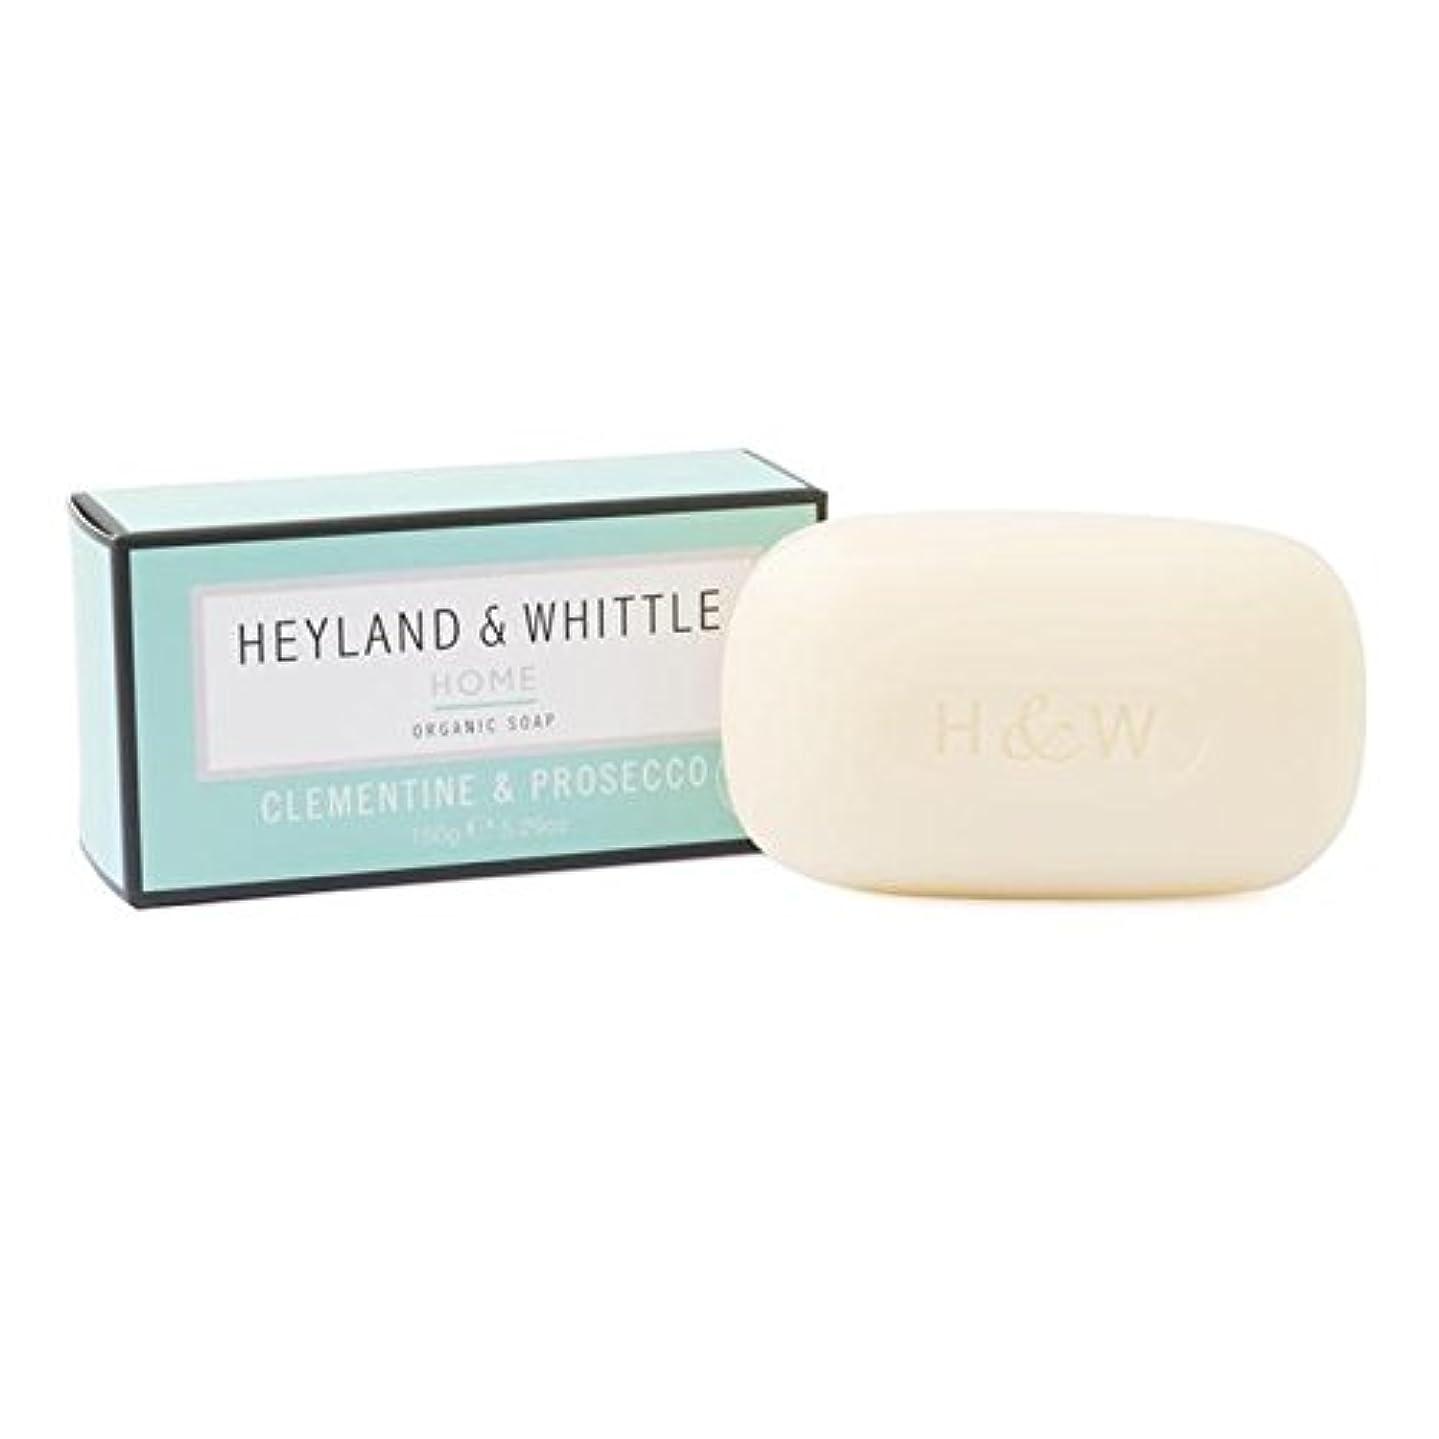 せせらぎ相関する温かい&削るホームクレメンタイン&プロセッコ有機石鹸150グラム x2 - Heyland & Whittle Home Clementine & Prosecco Organic Soap 150g (Pack of 2)...